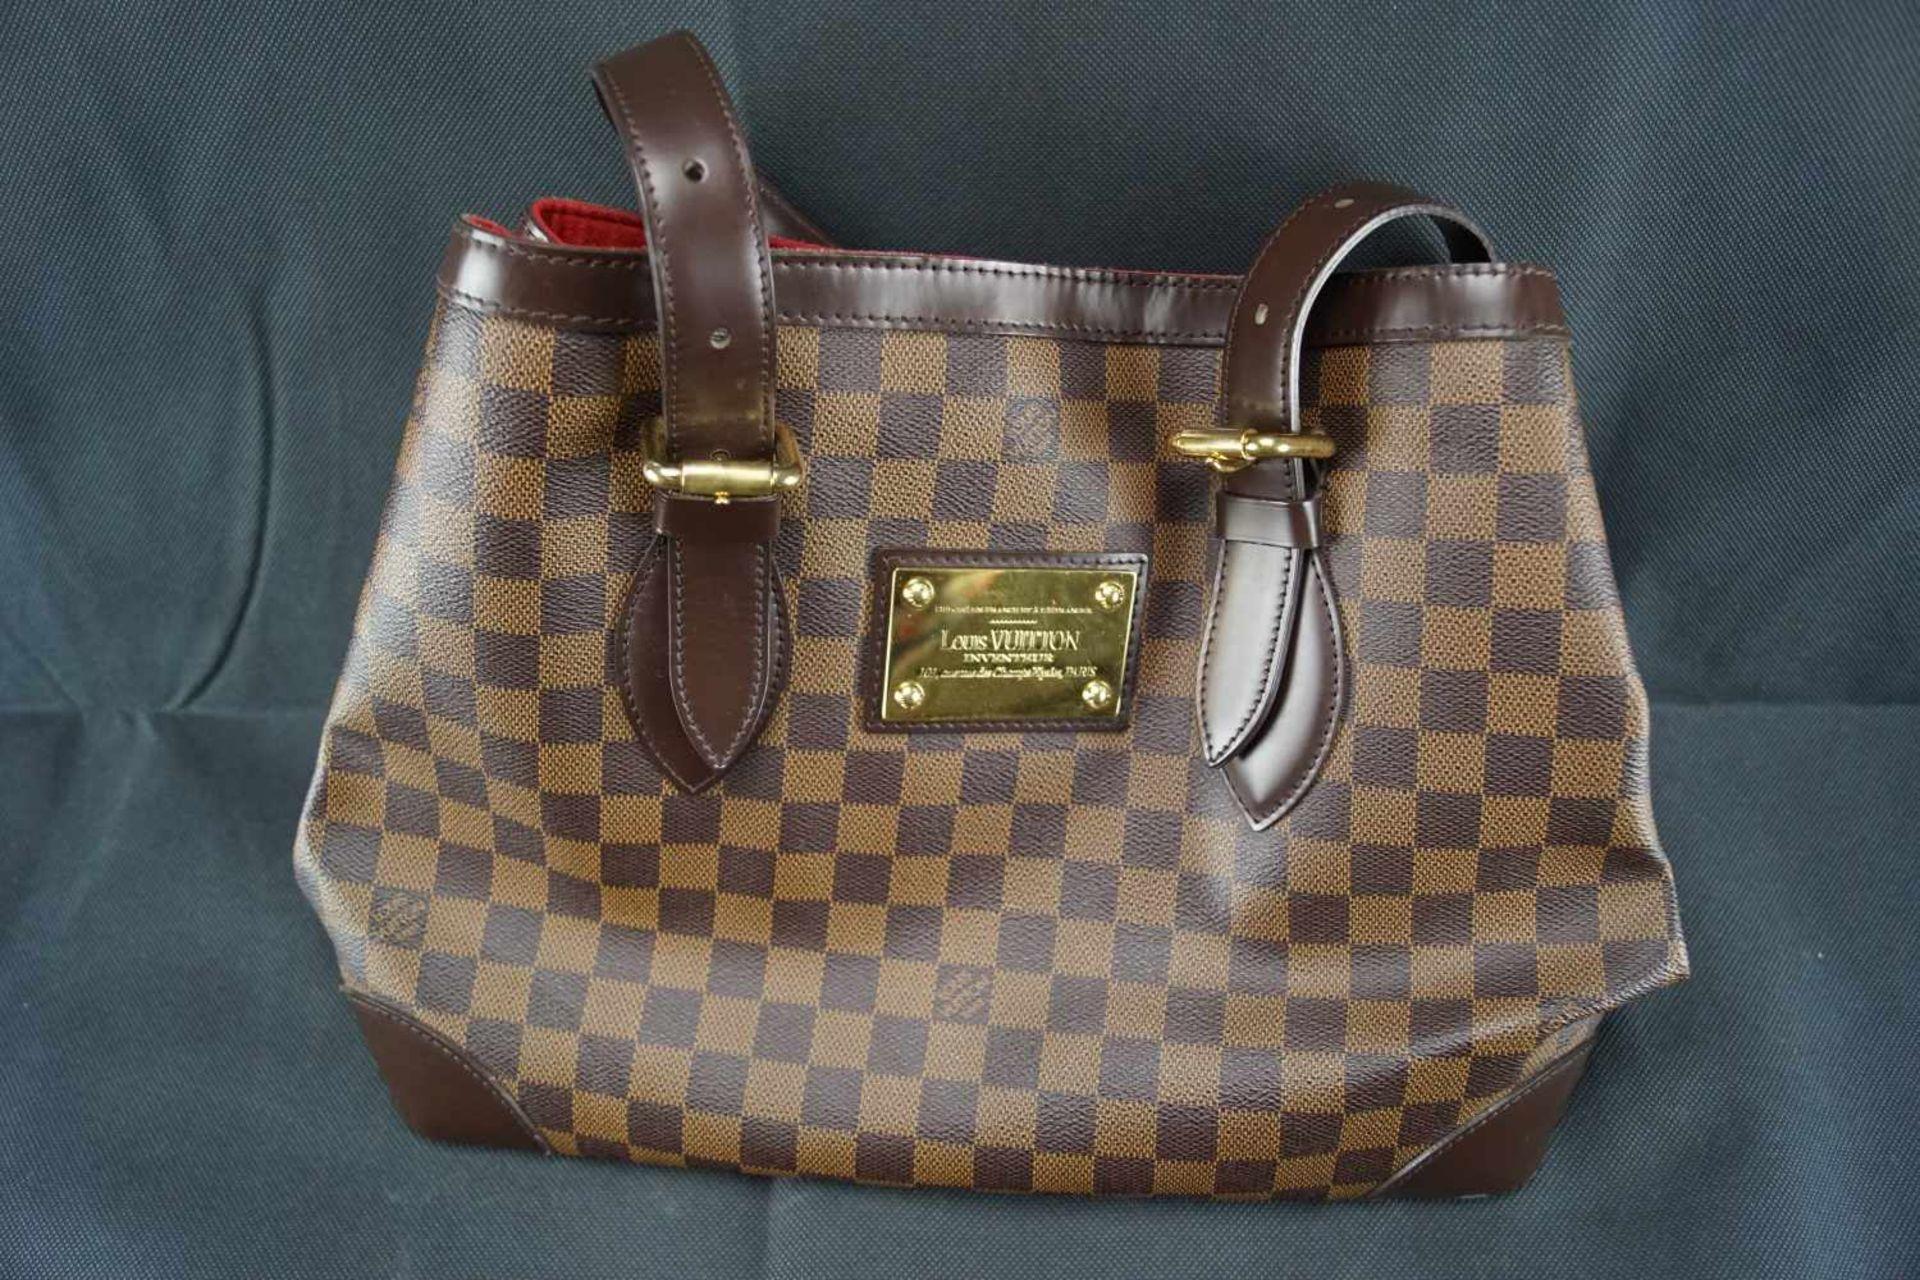 Louis Vuitton Handtasche Damier Hampstead PM, Höhe ca. 22 cm x Breite ca. 34 cm, Date Code TH3058, - Bild 2 aus 6